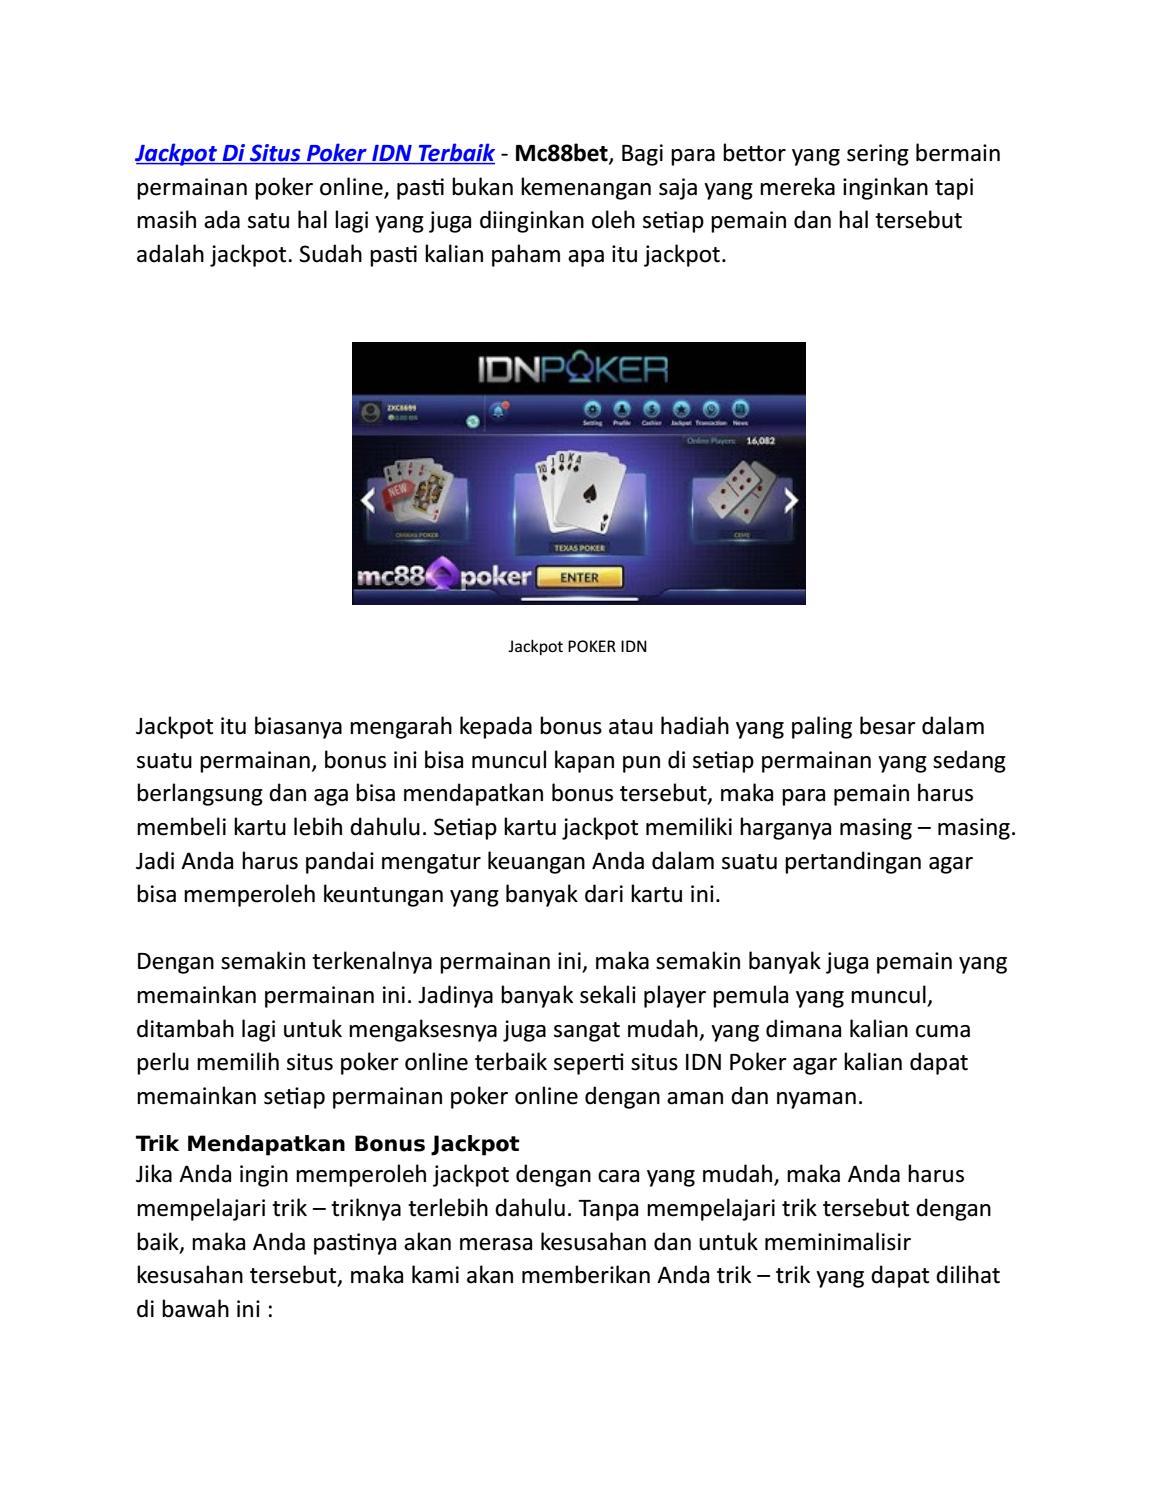 Cara Ampuh Memenagkan Jackpot Di Situs Poker Idn Terbaik By Emailbarumc88 Issuu